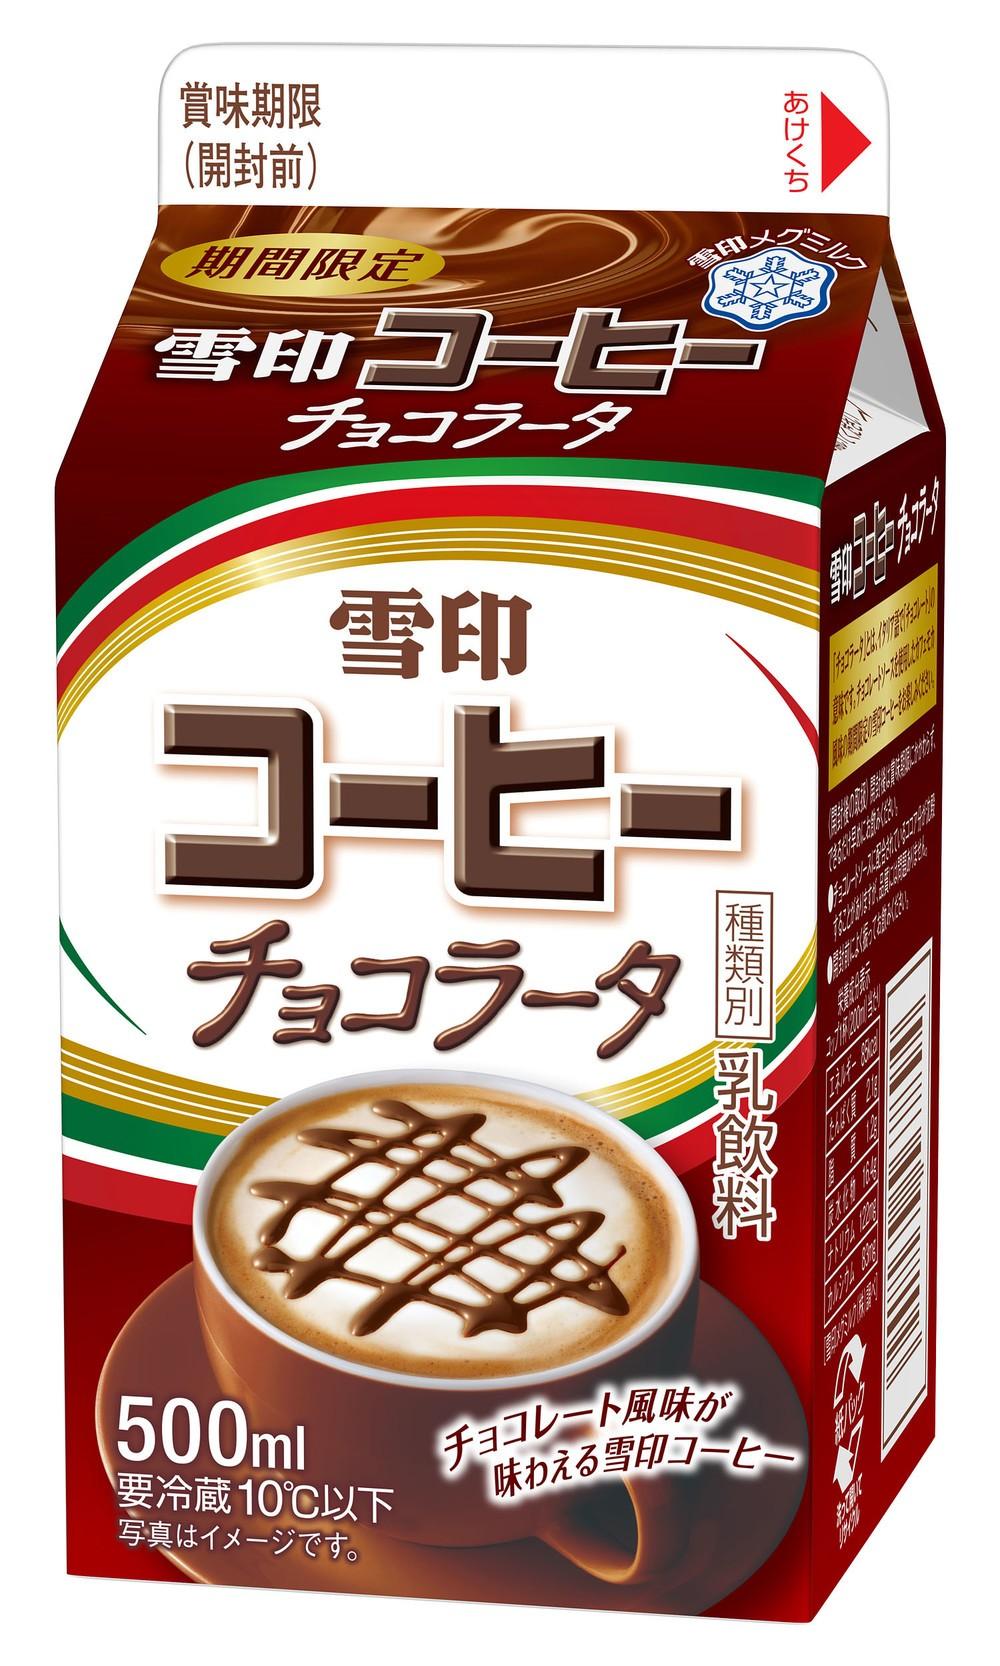 チョコソースが入った「雪印コーヒー」 冬だけの甘いプレゼント